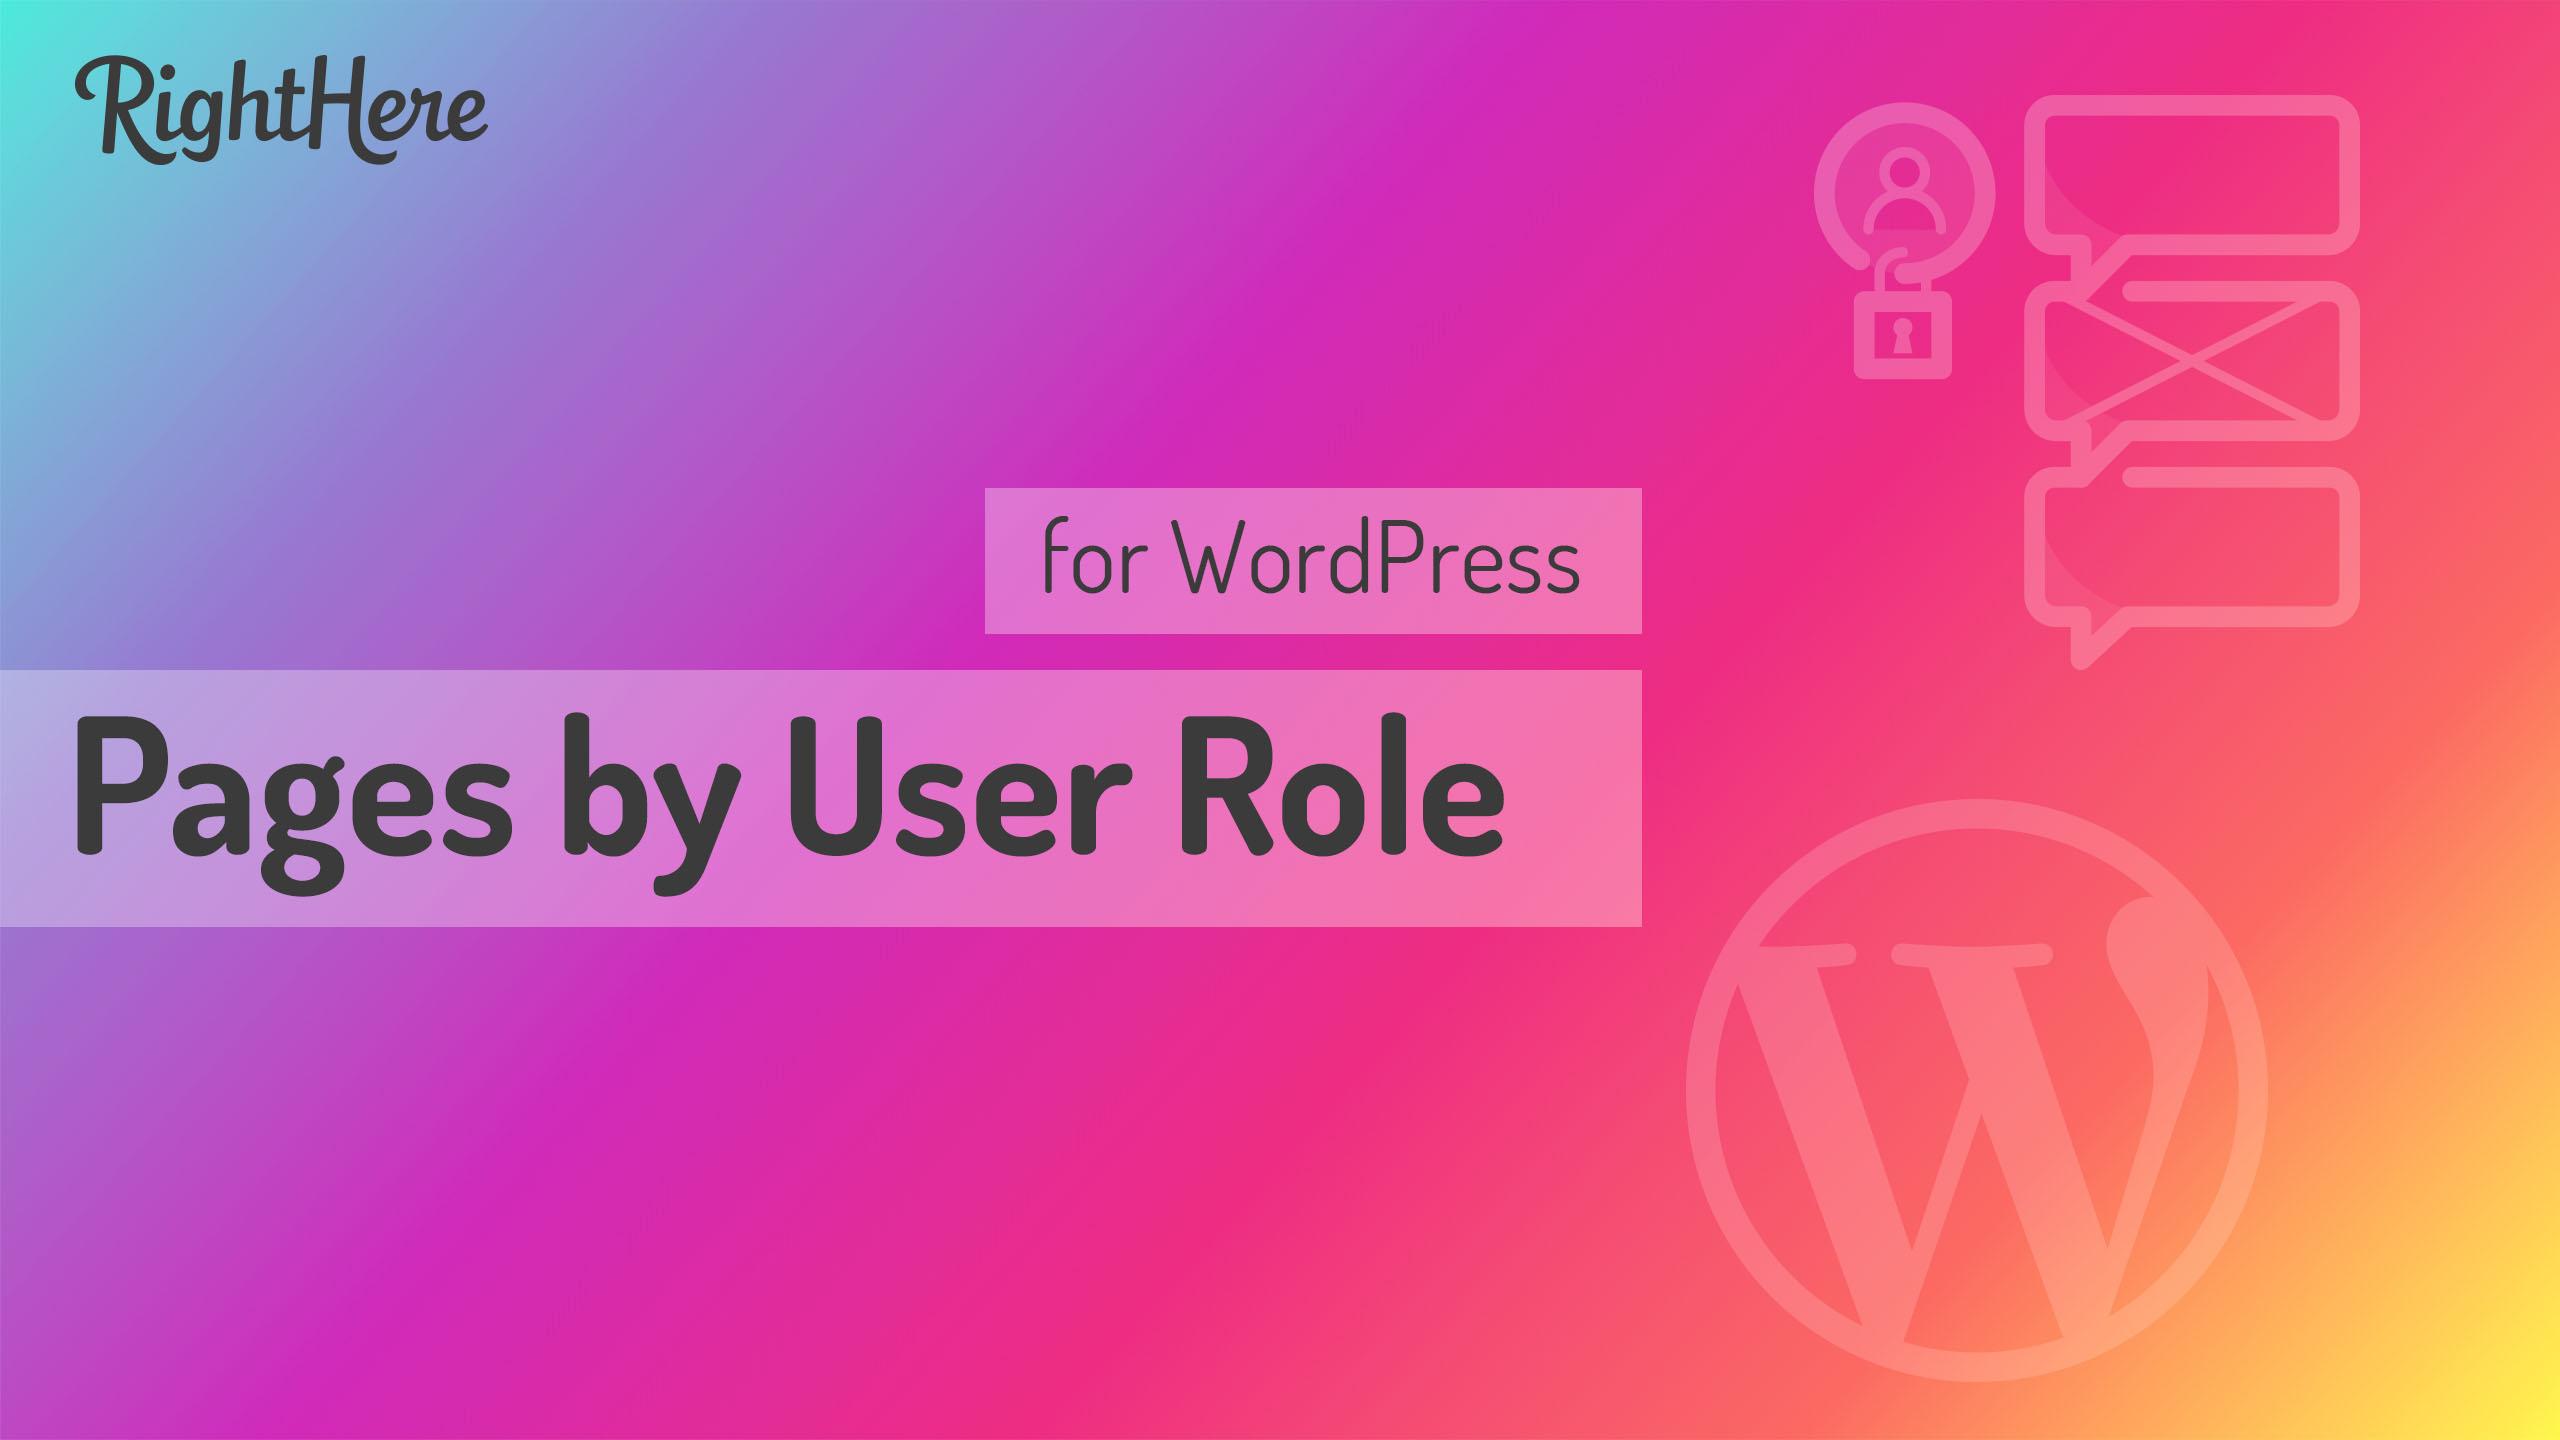 【汉化插件】Pages by User Role for WordPress 页面内容分类访问限制插件 v1.5.0-WordPress汉化资源